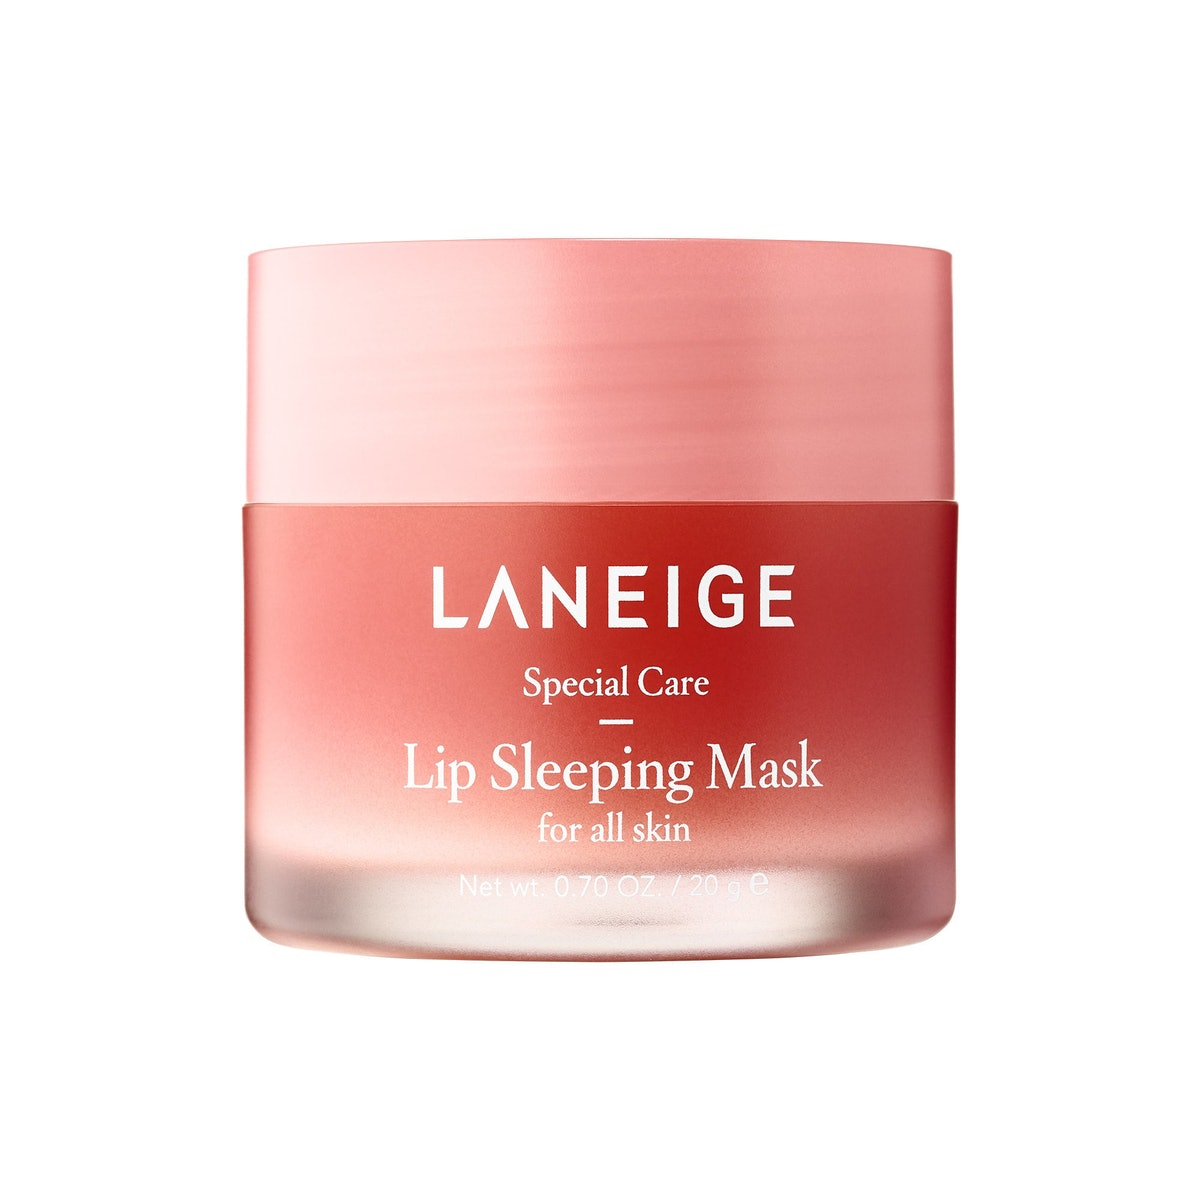 Laneige Lip Sleeping Mask